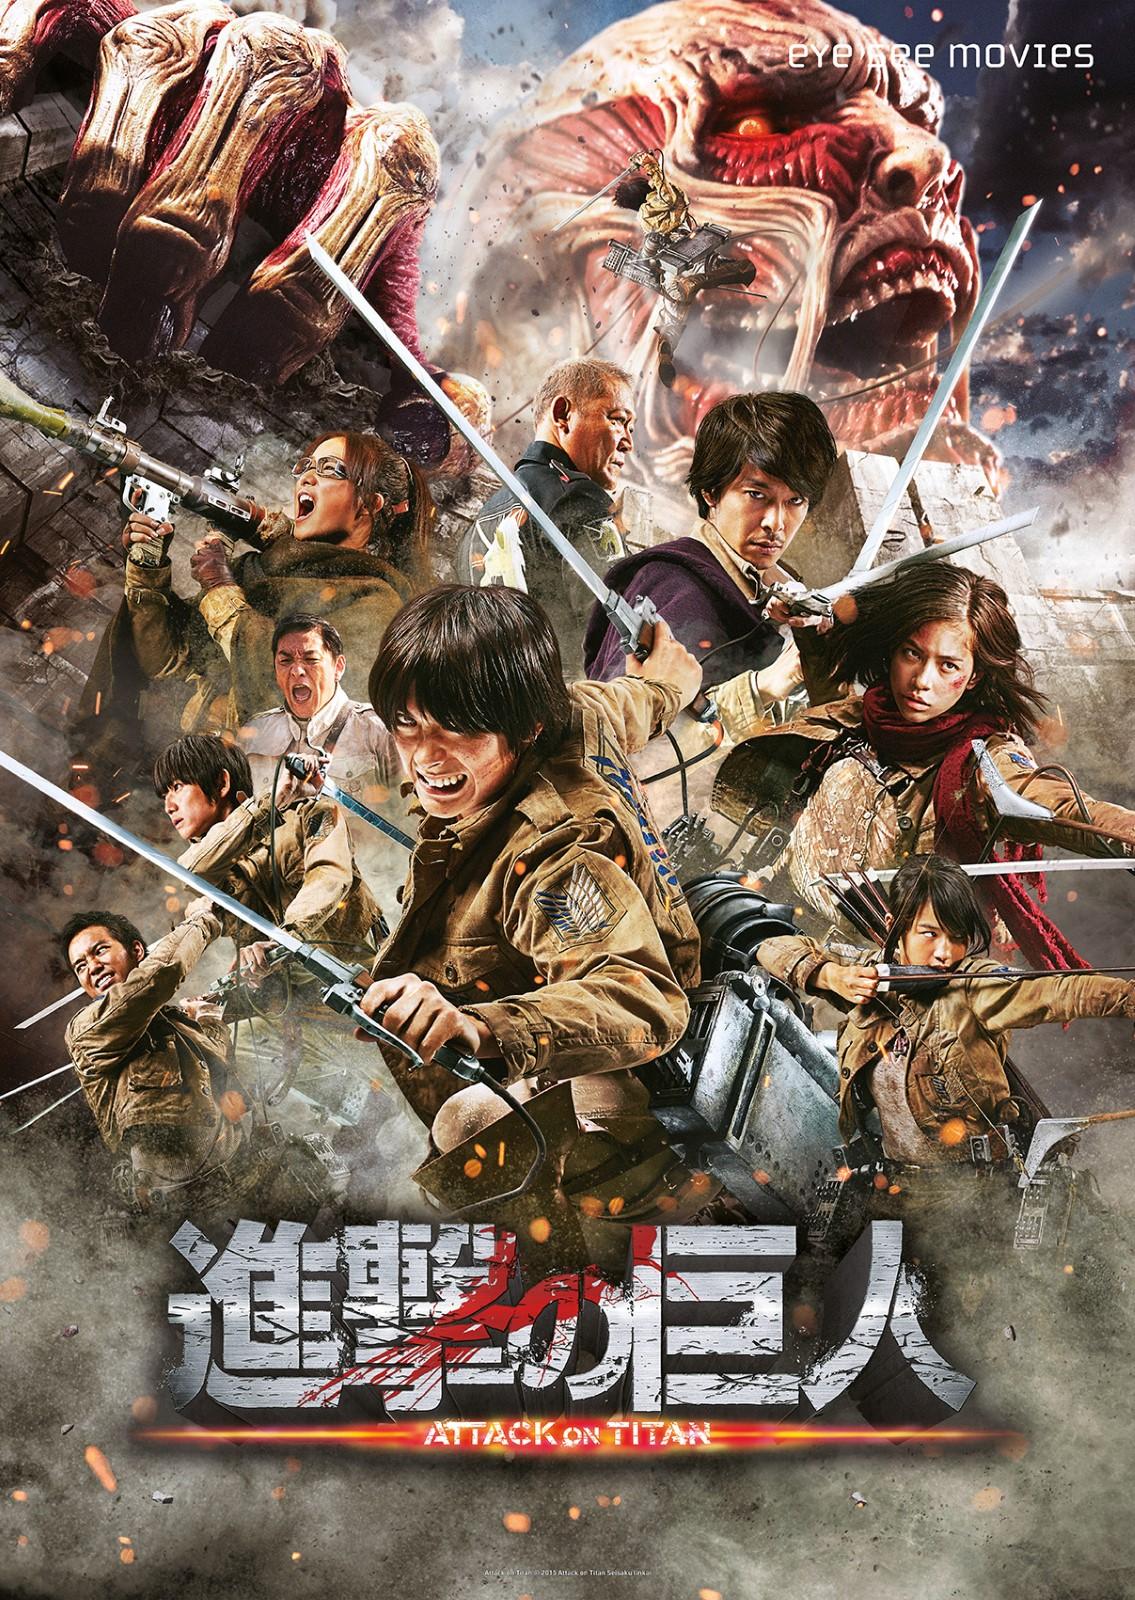 Attack On Titan: schauspieler, regie, produktion - Filme ...